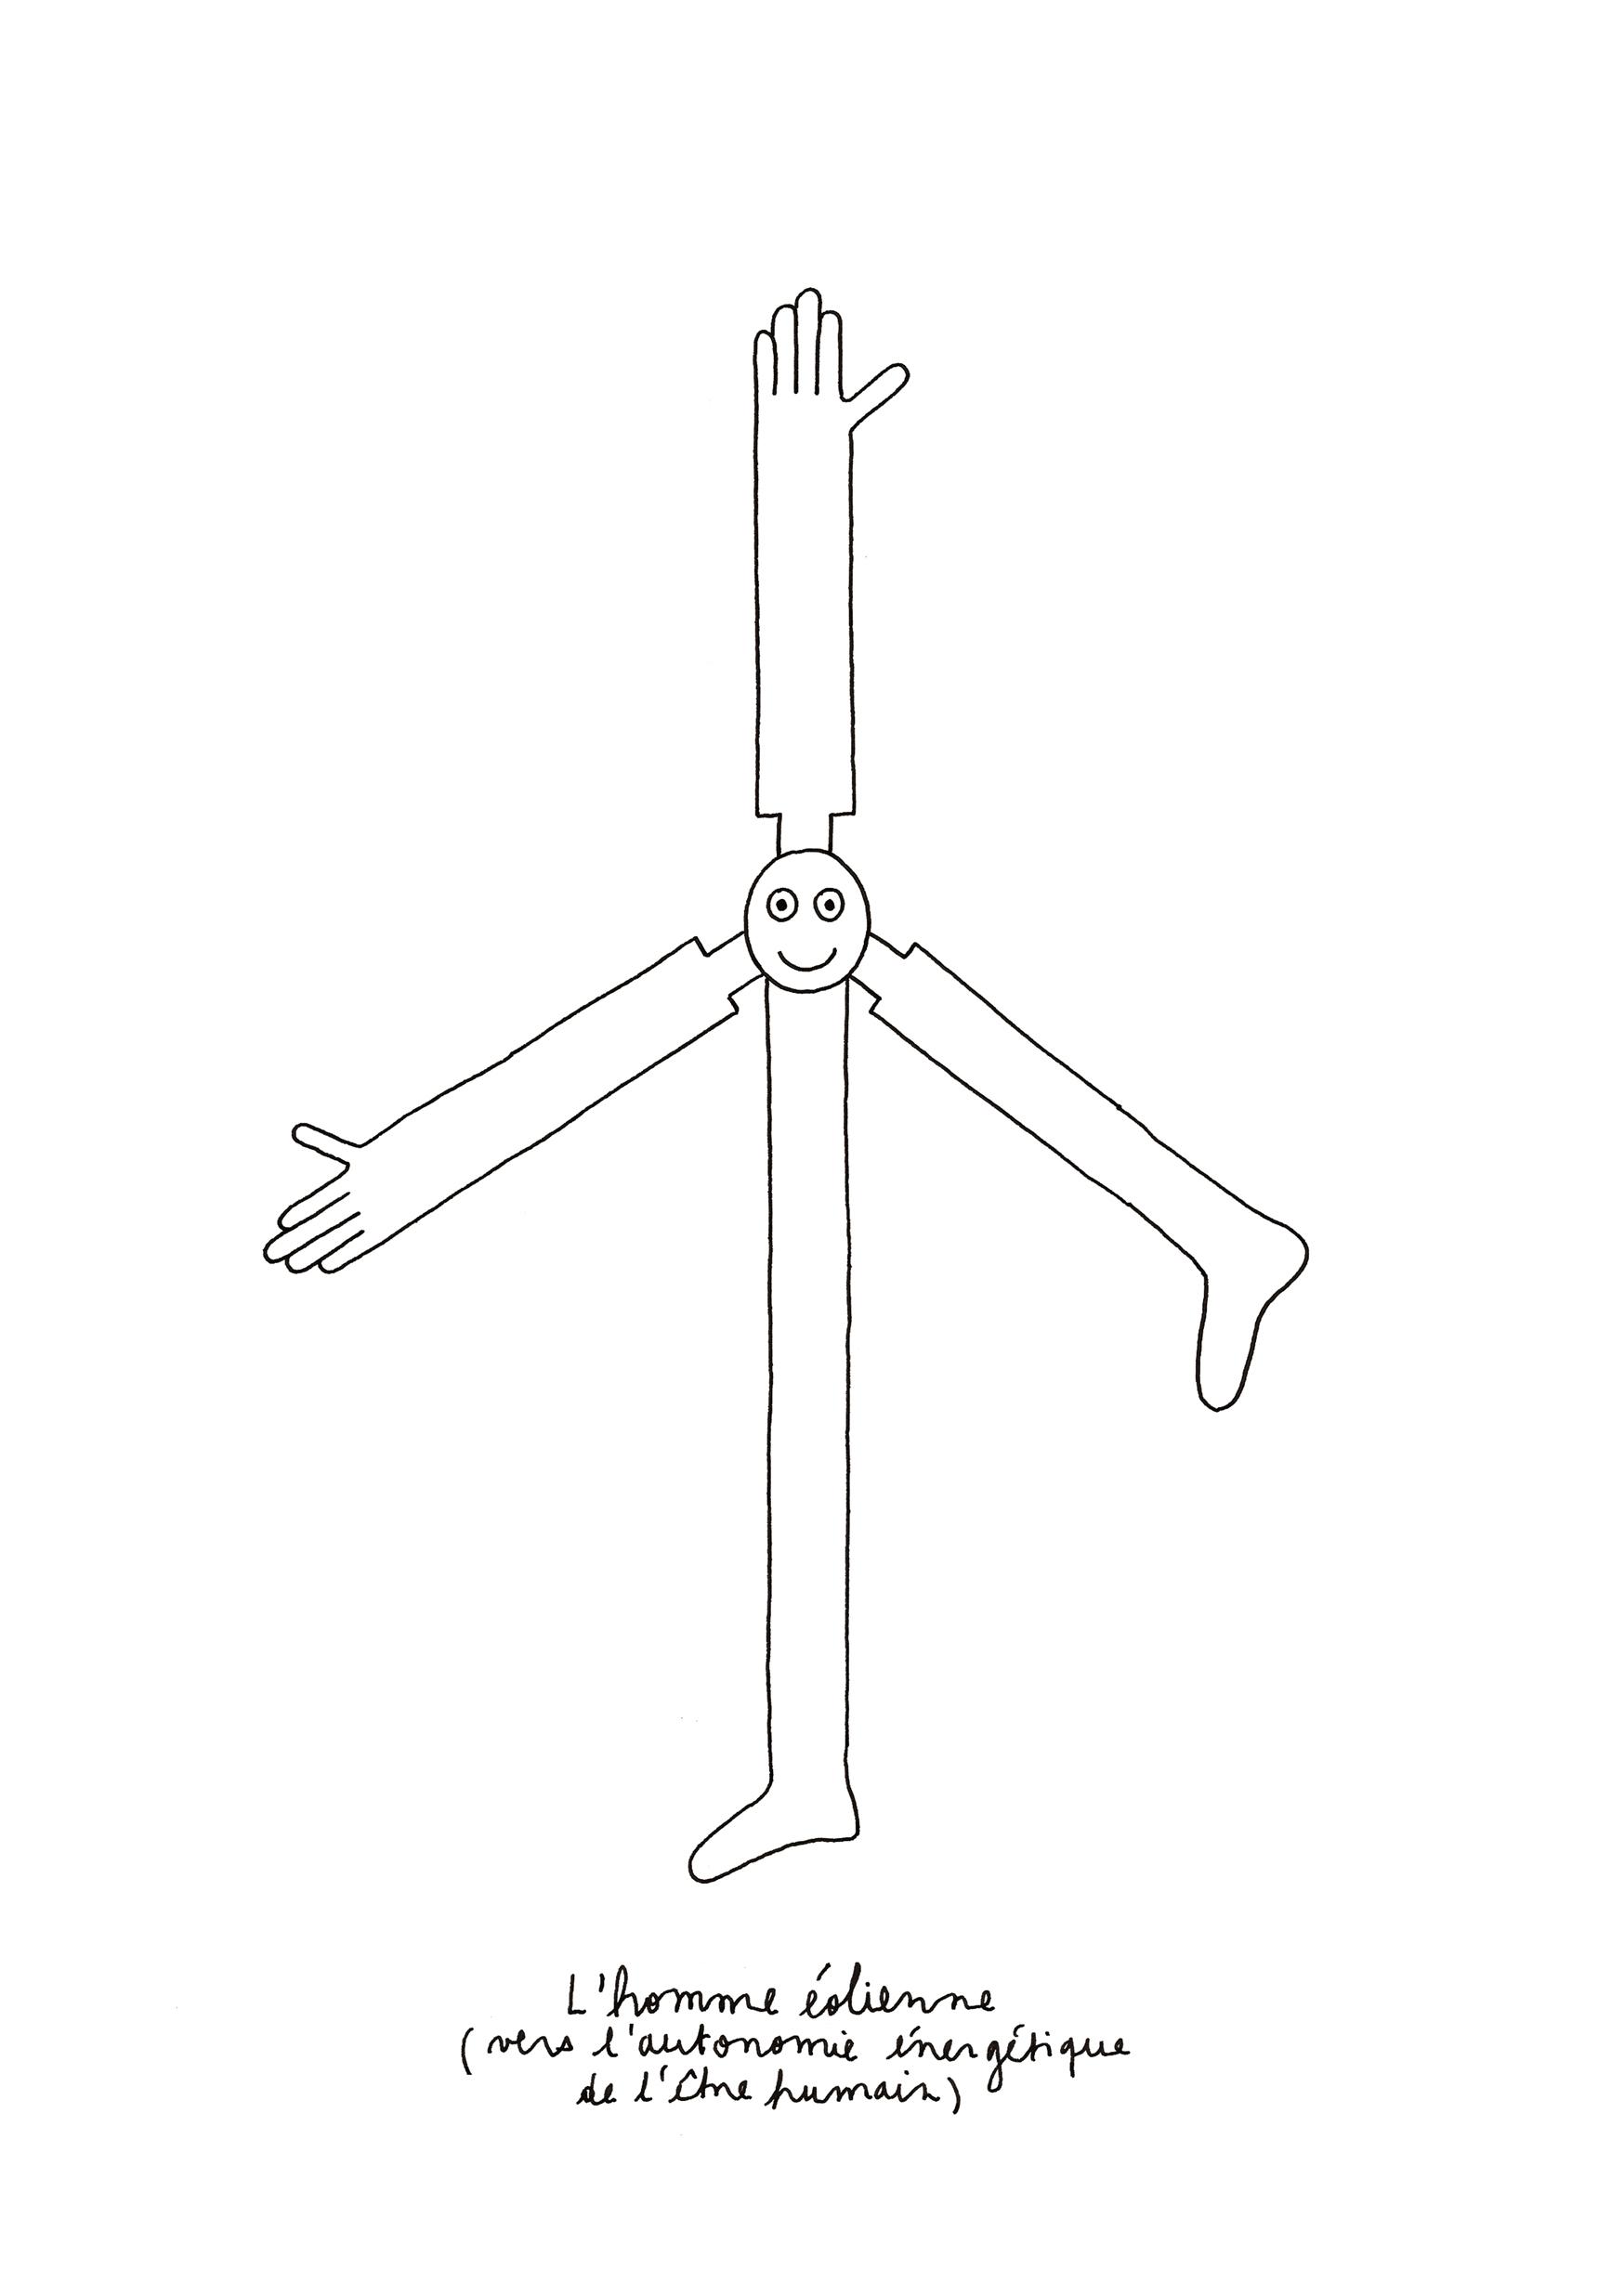 l'homme éolienne